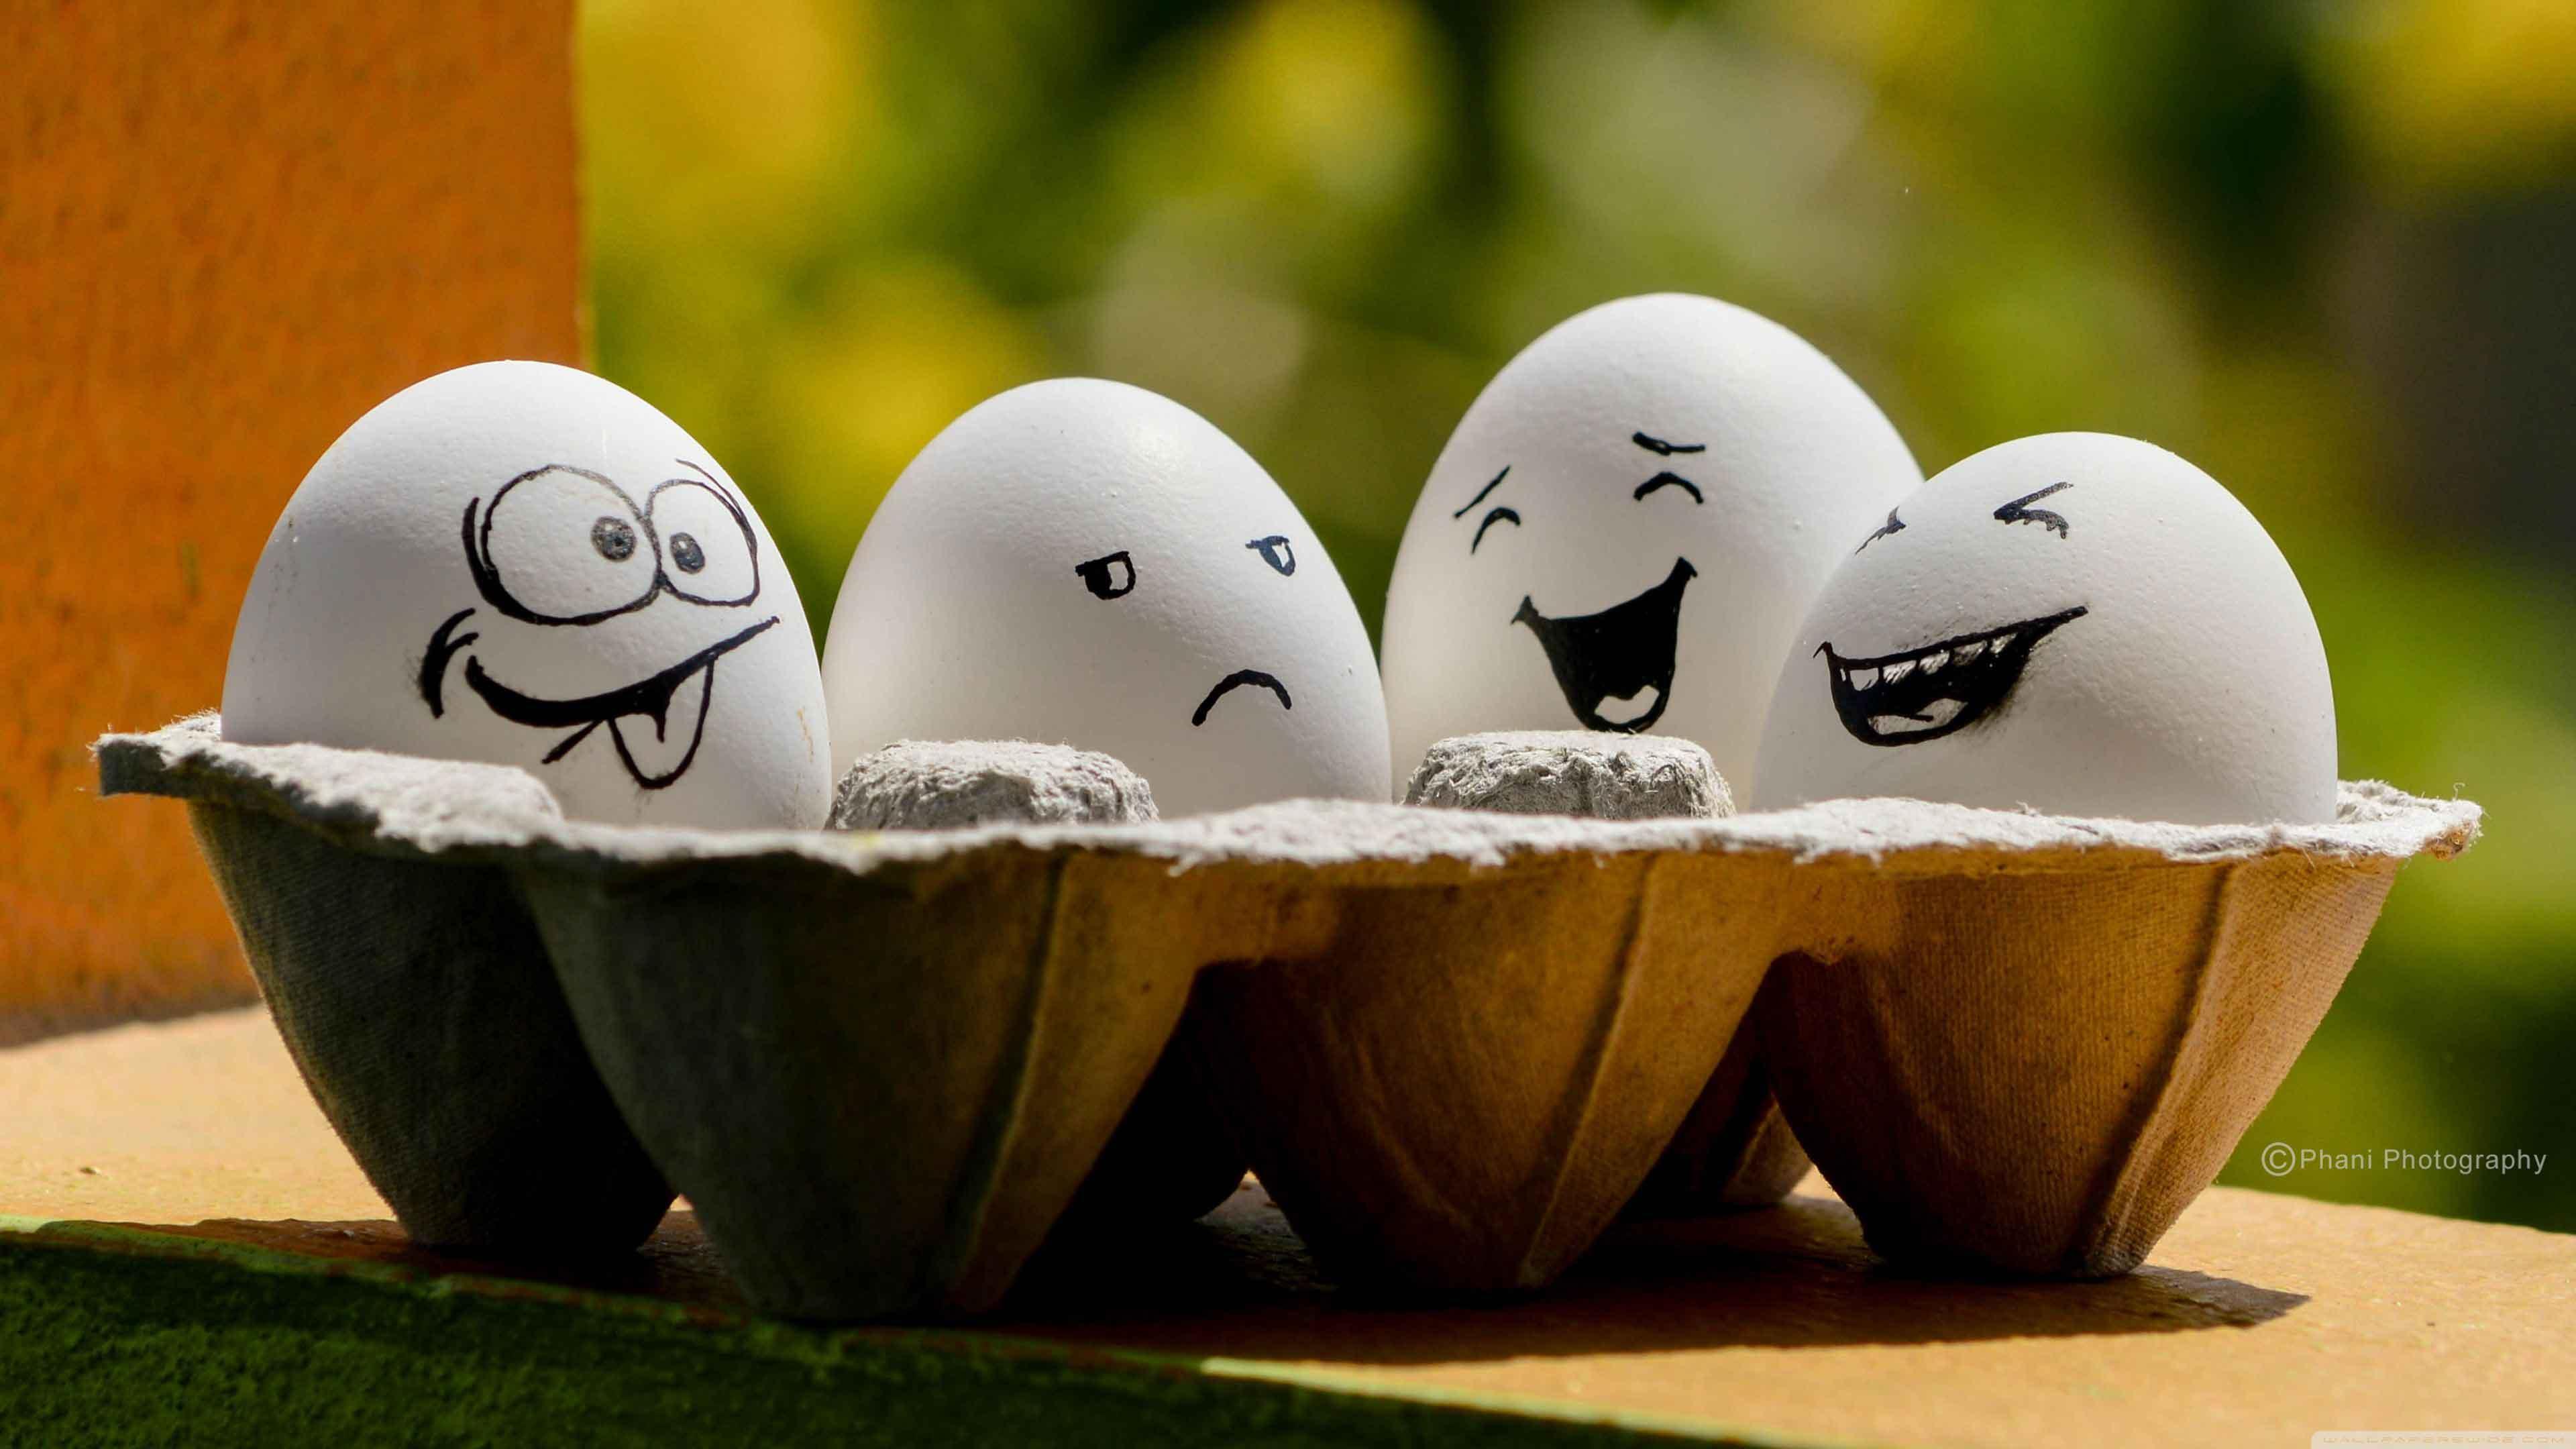 Rüyada 8 yumurta görmek 4